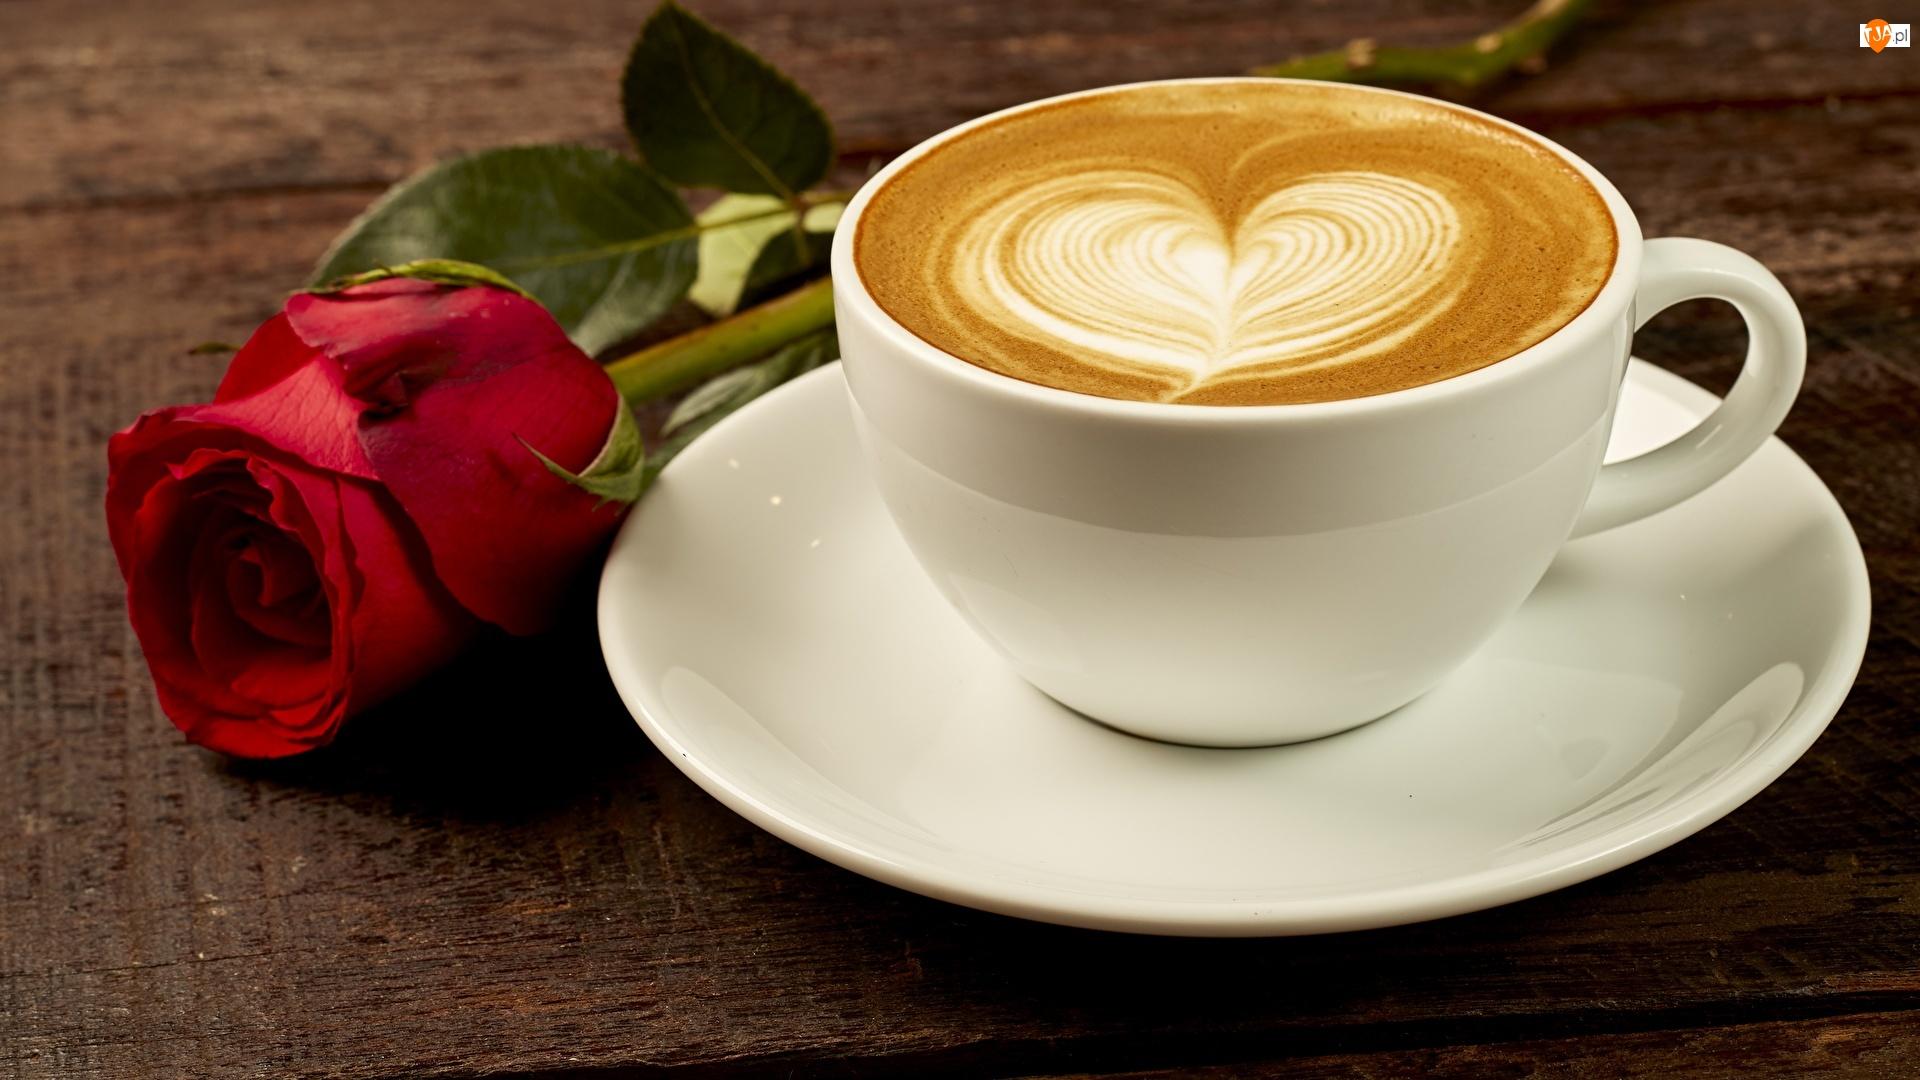 Cappuccino, Kawa, Spodek, Róża, Filiżanka, Czerwona